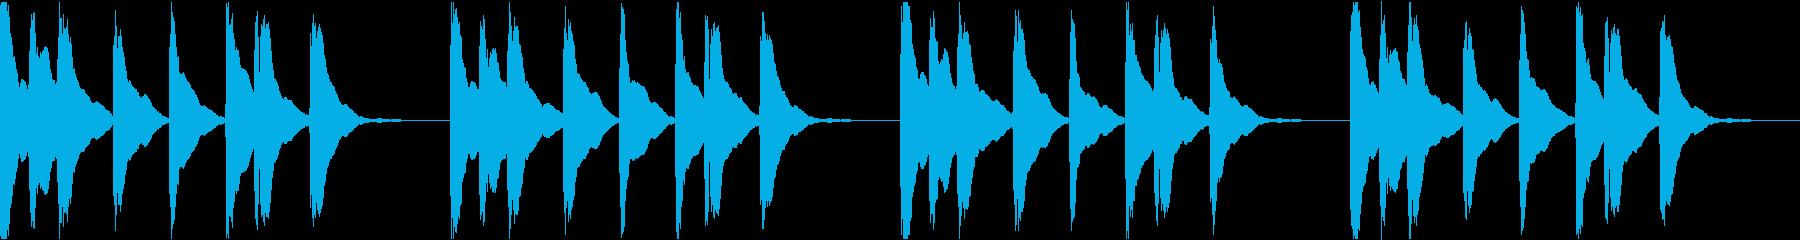 シンプル ベル 着信音 チャイム C-4の再生済みの波形